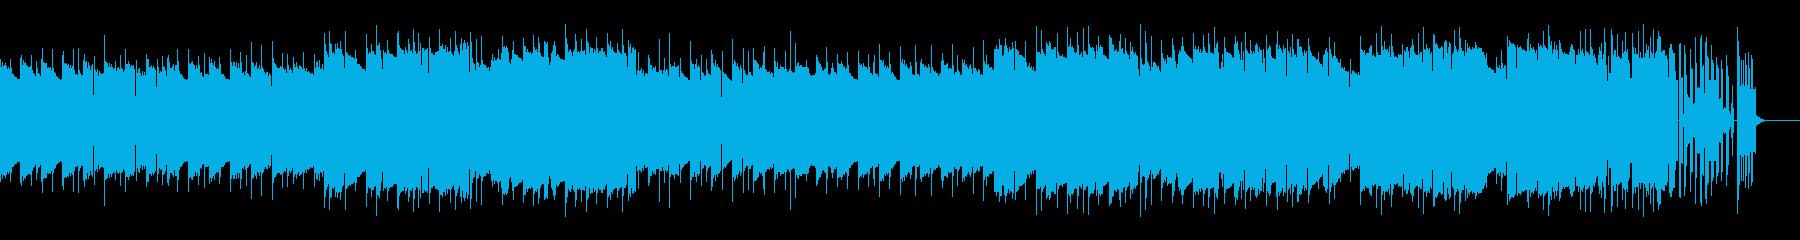 レトロゲーム風BGM(ダンジョン、緊張)の再生済みの波形